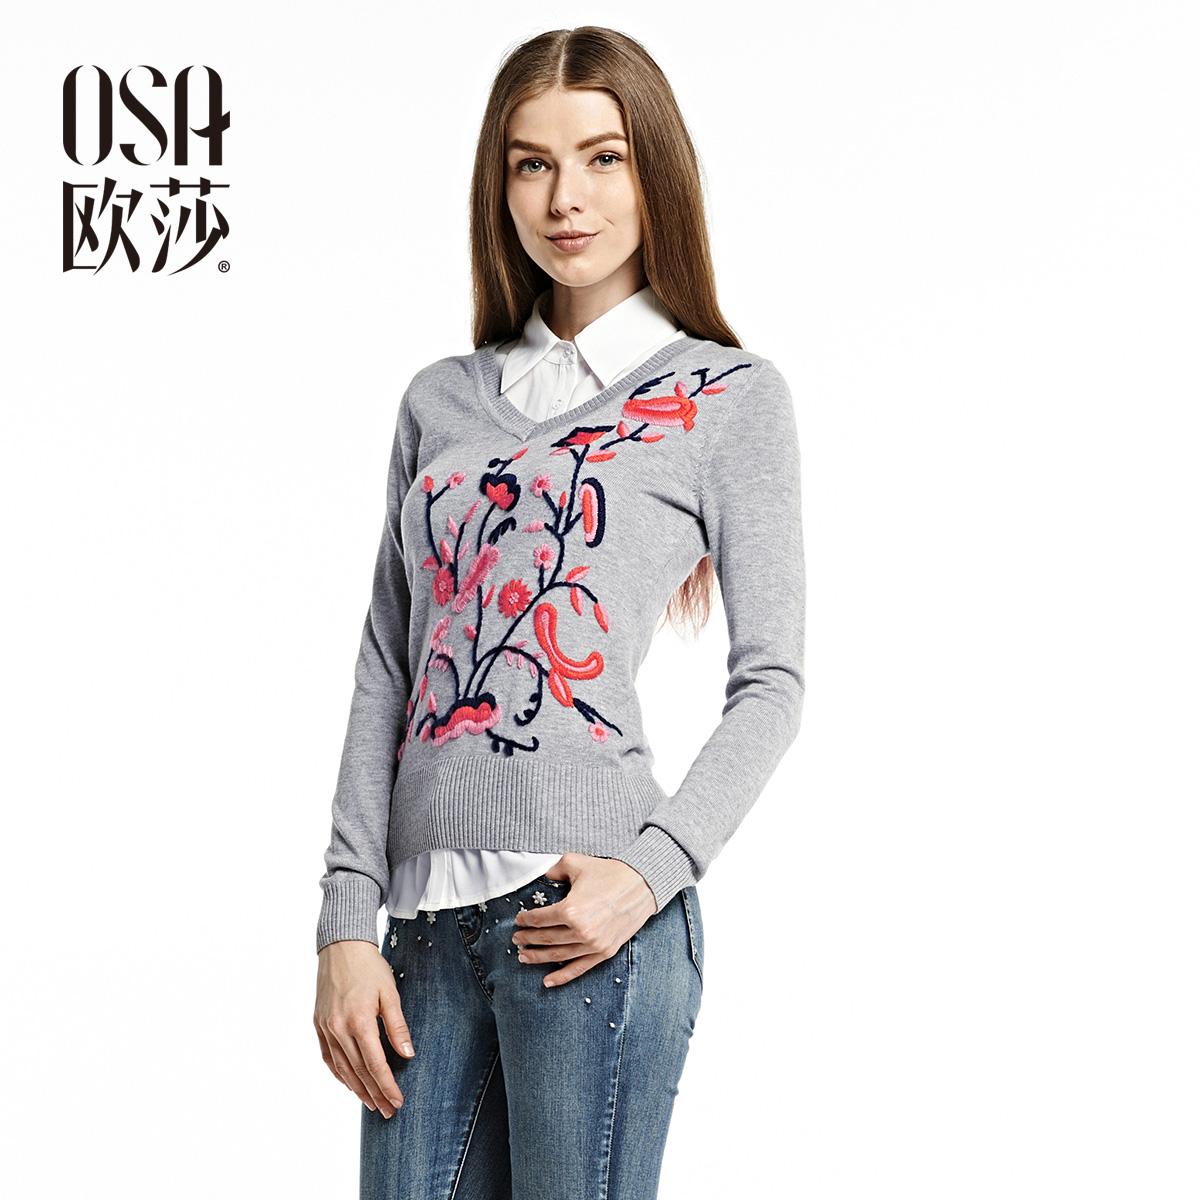 Пуловер Т Образный С Доставкой